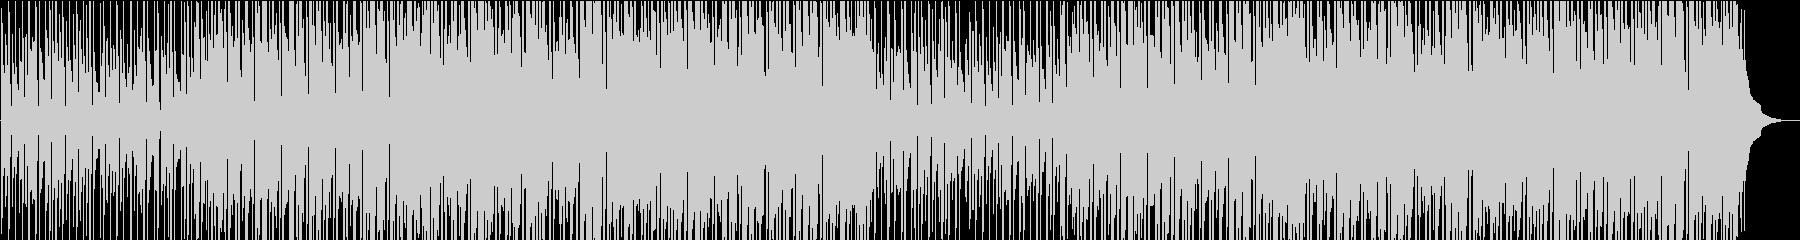 ハッピーキッズミュージックの未再生の波形